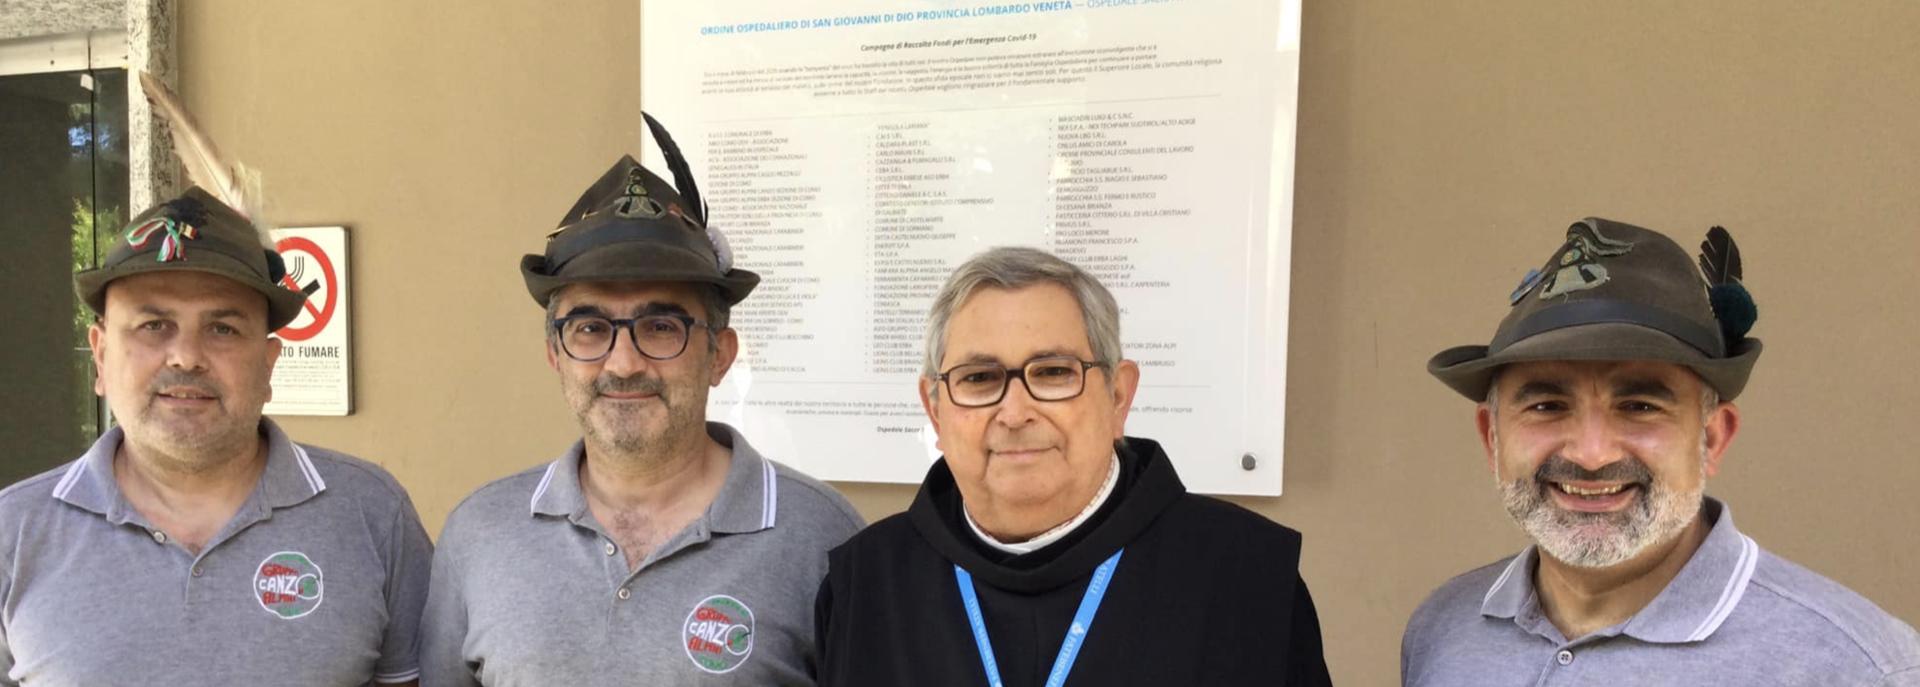 Ospedale Sacra Famiglia, stelle alpine per Ricominciare: l'aiuto solidale del Gruppo Alpini Canzo